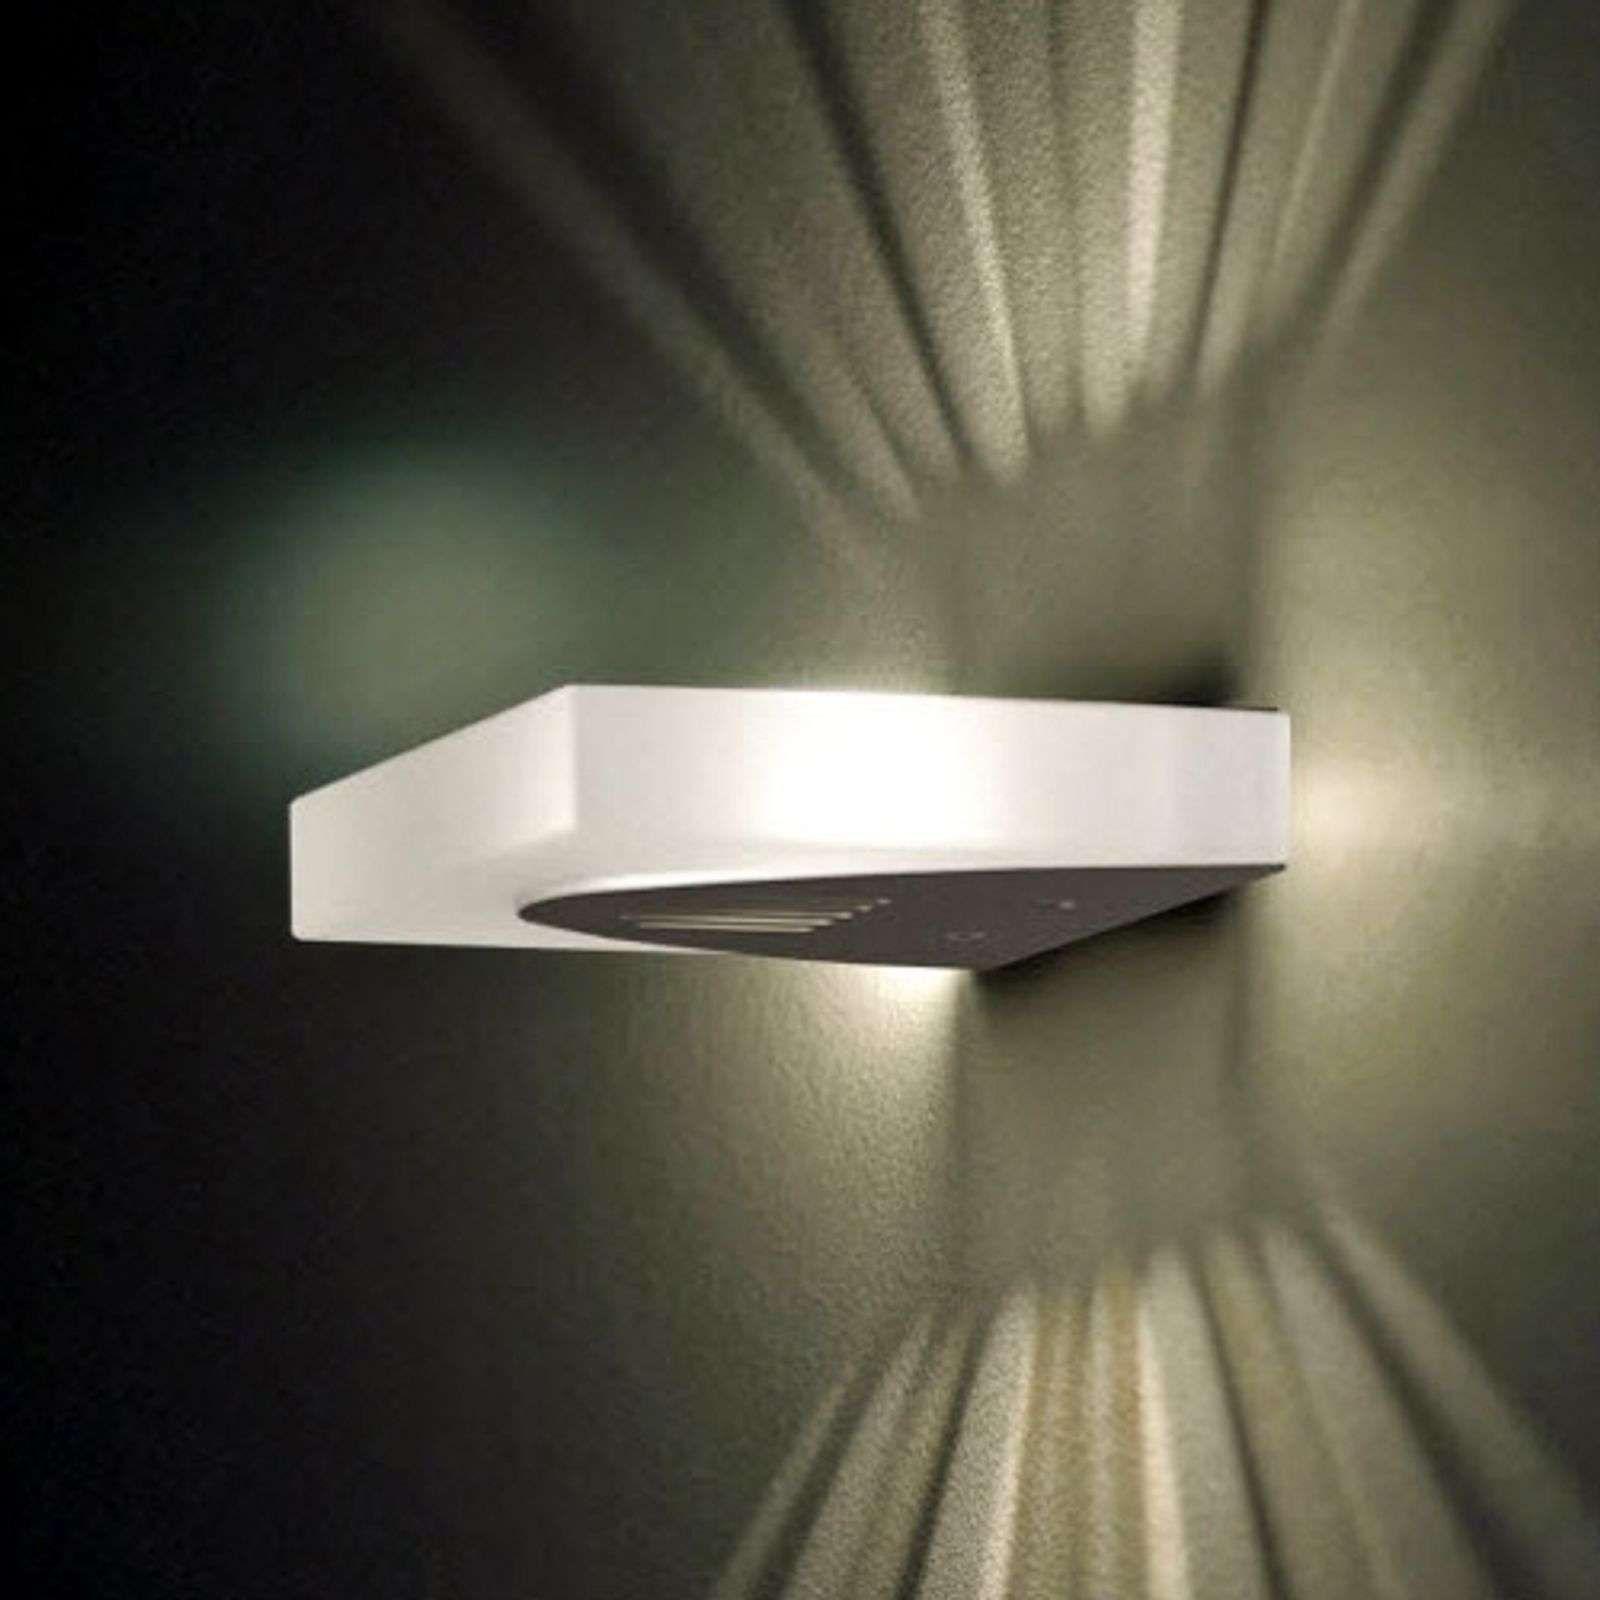 Wandleuchte Bad Ip65 Lampe Fur Wand Wandlampe Bett Designklassiker Wandleuchten Jolanda Aussenwandleuchte Mit Bewegu In 2020 Wandleuchte Led Aussenleuchten Licht